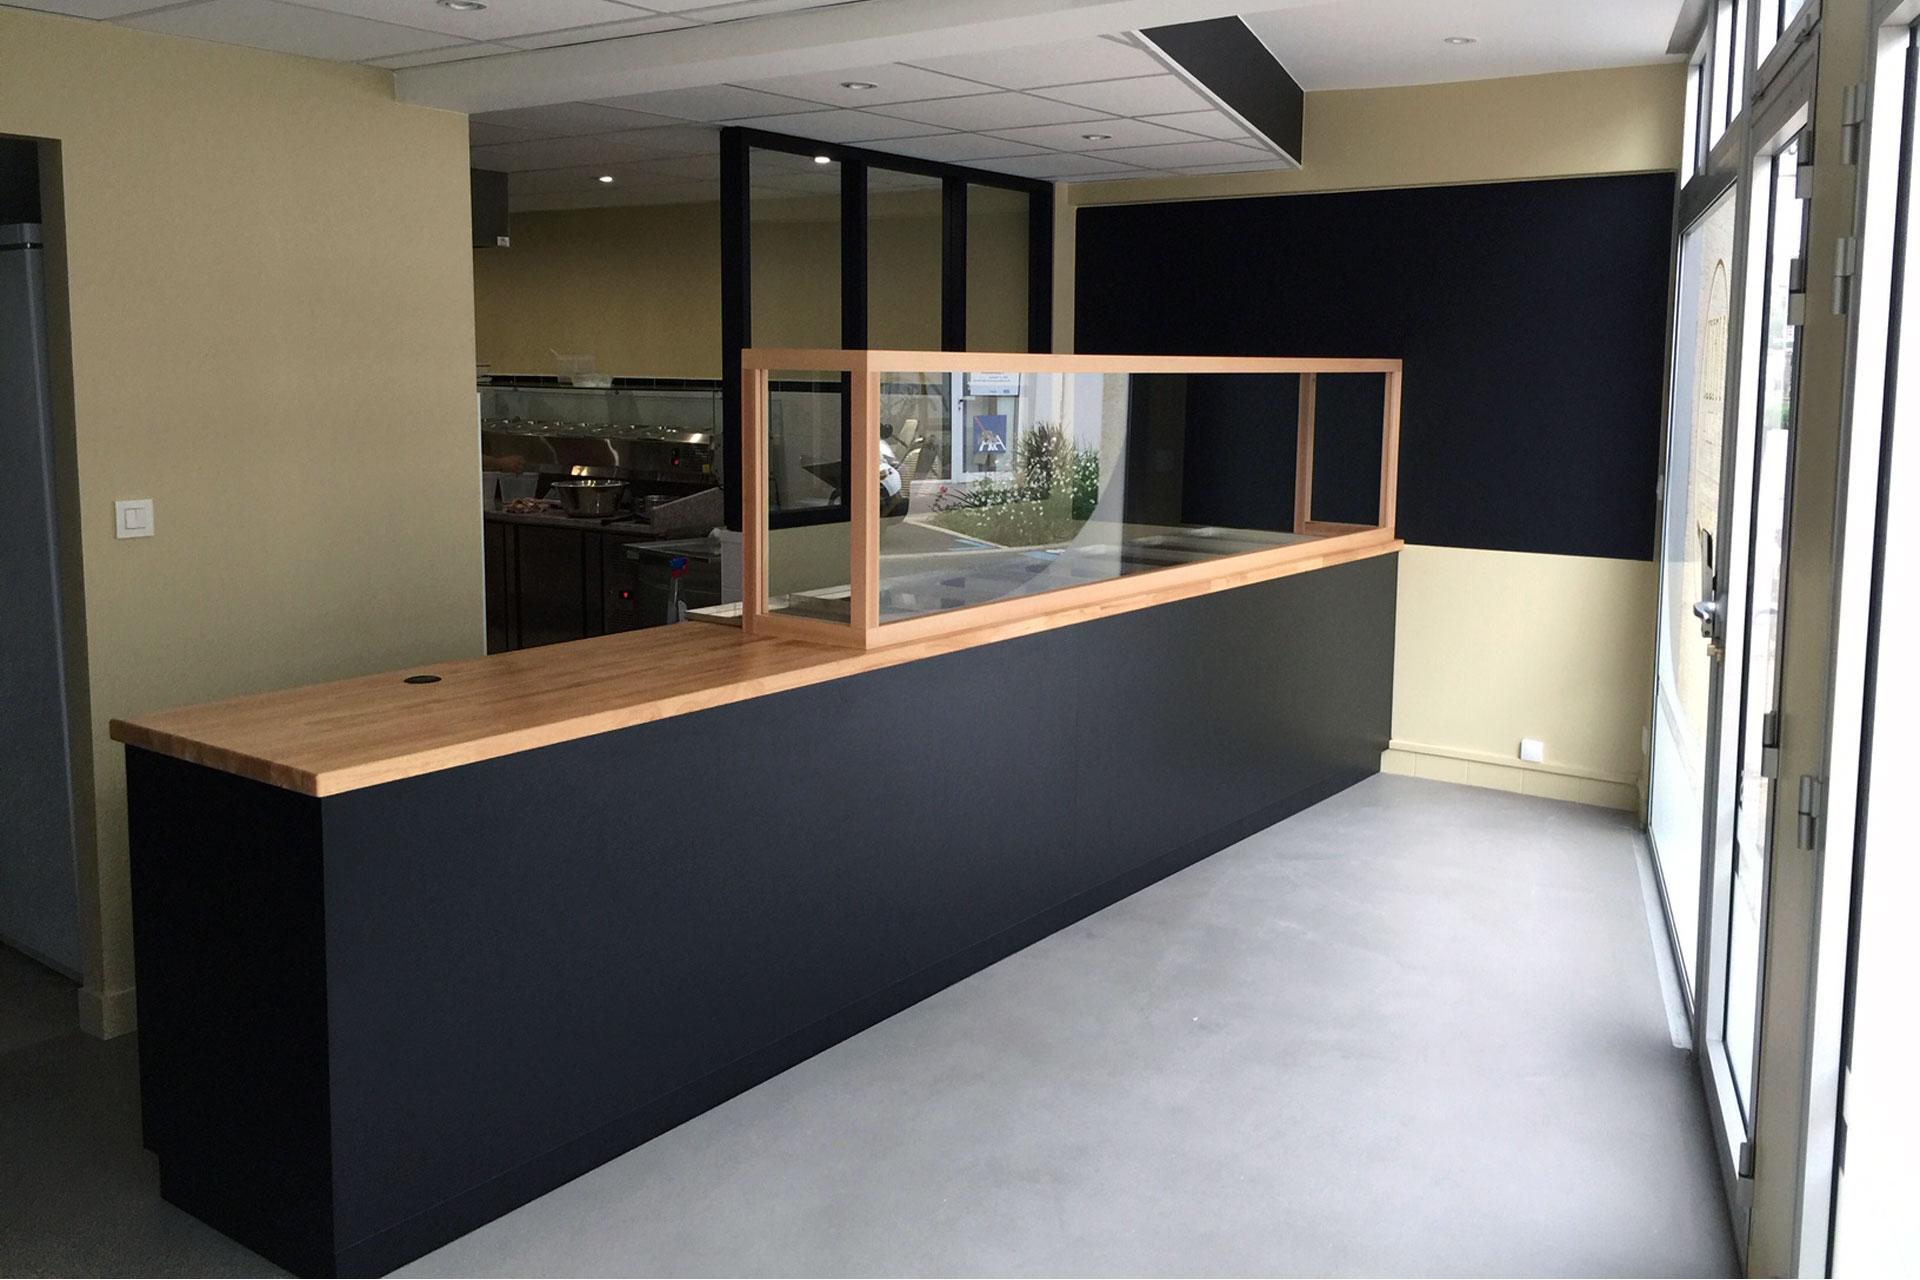 Fin de chantier - Rénovation restaurant 44